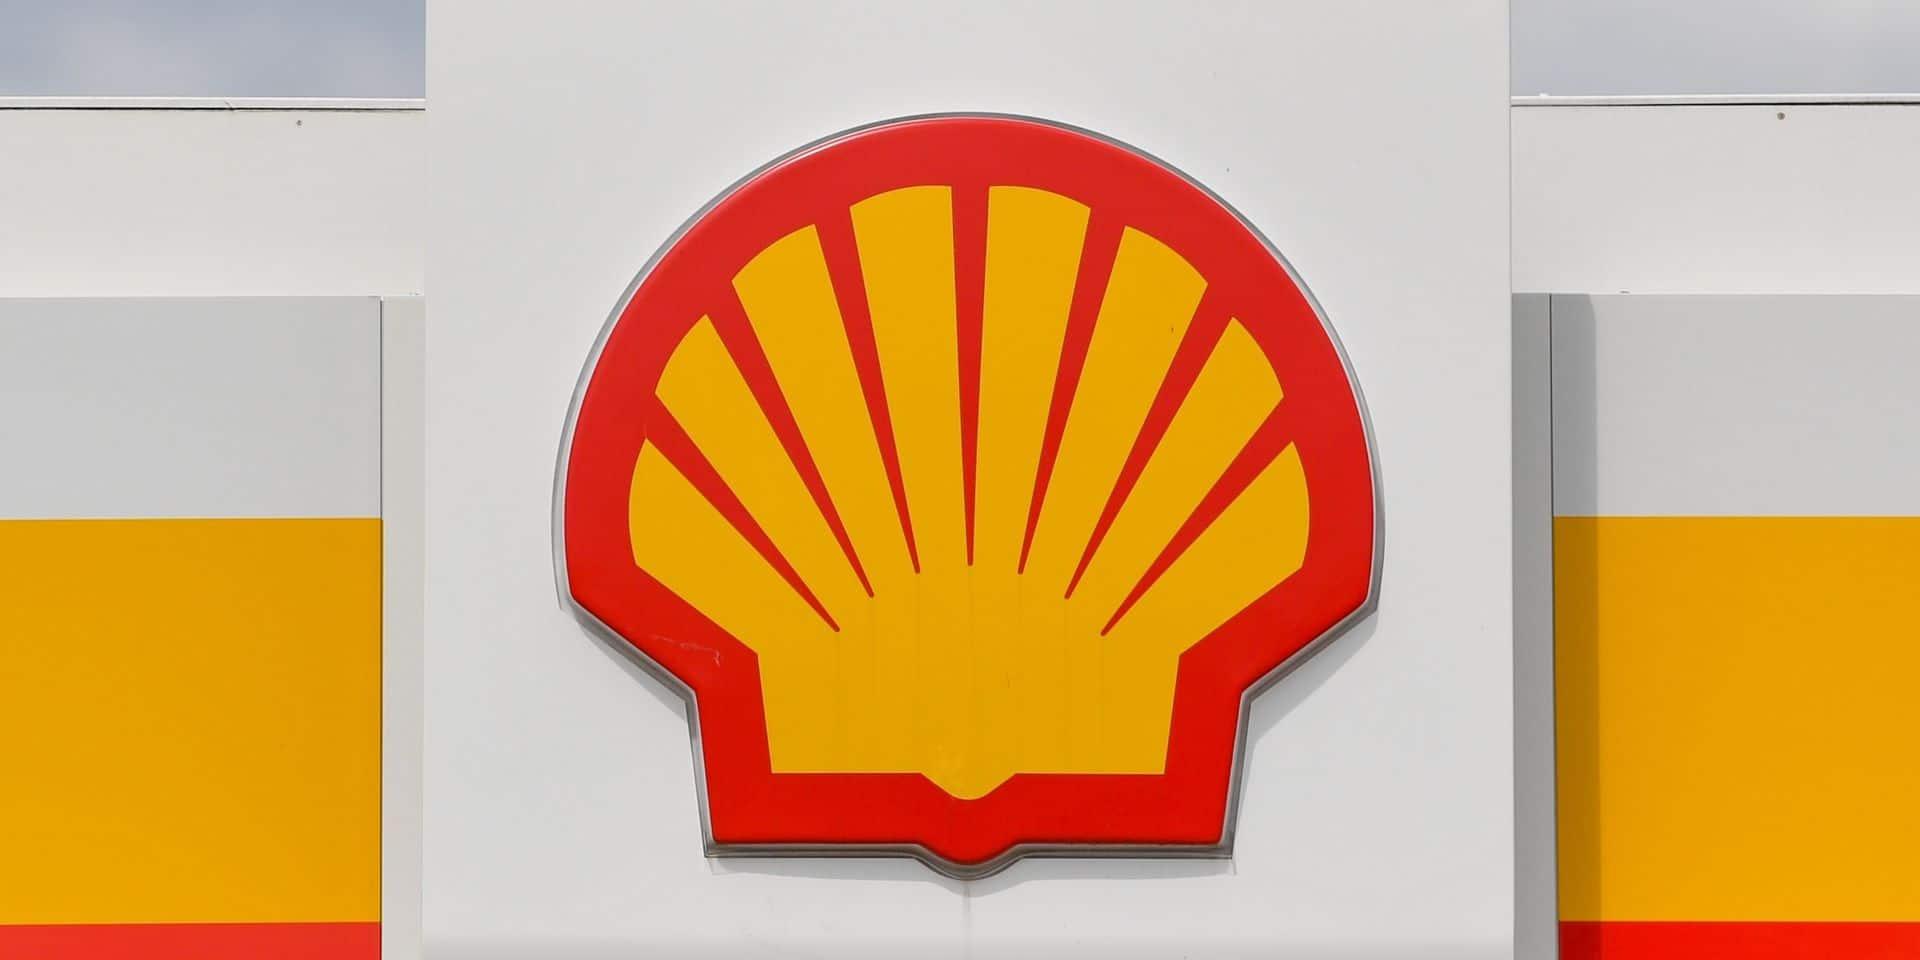 Shell veut supprimer 7.000 à 9.000 emplois face à la chute de la demande d'or noir